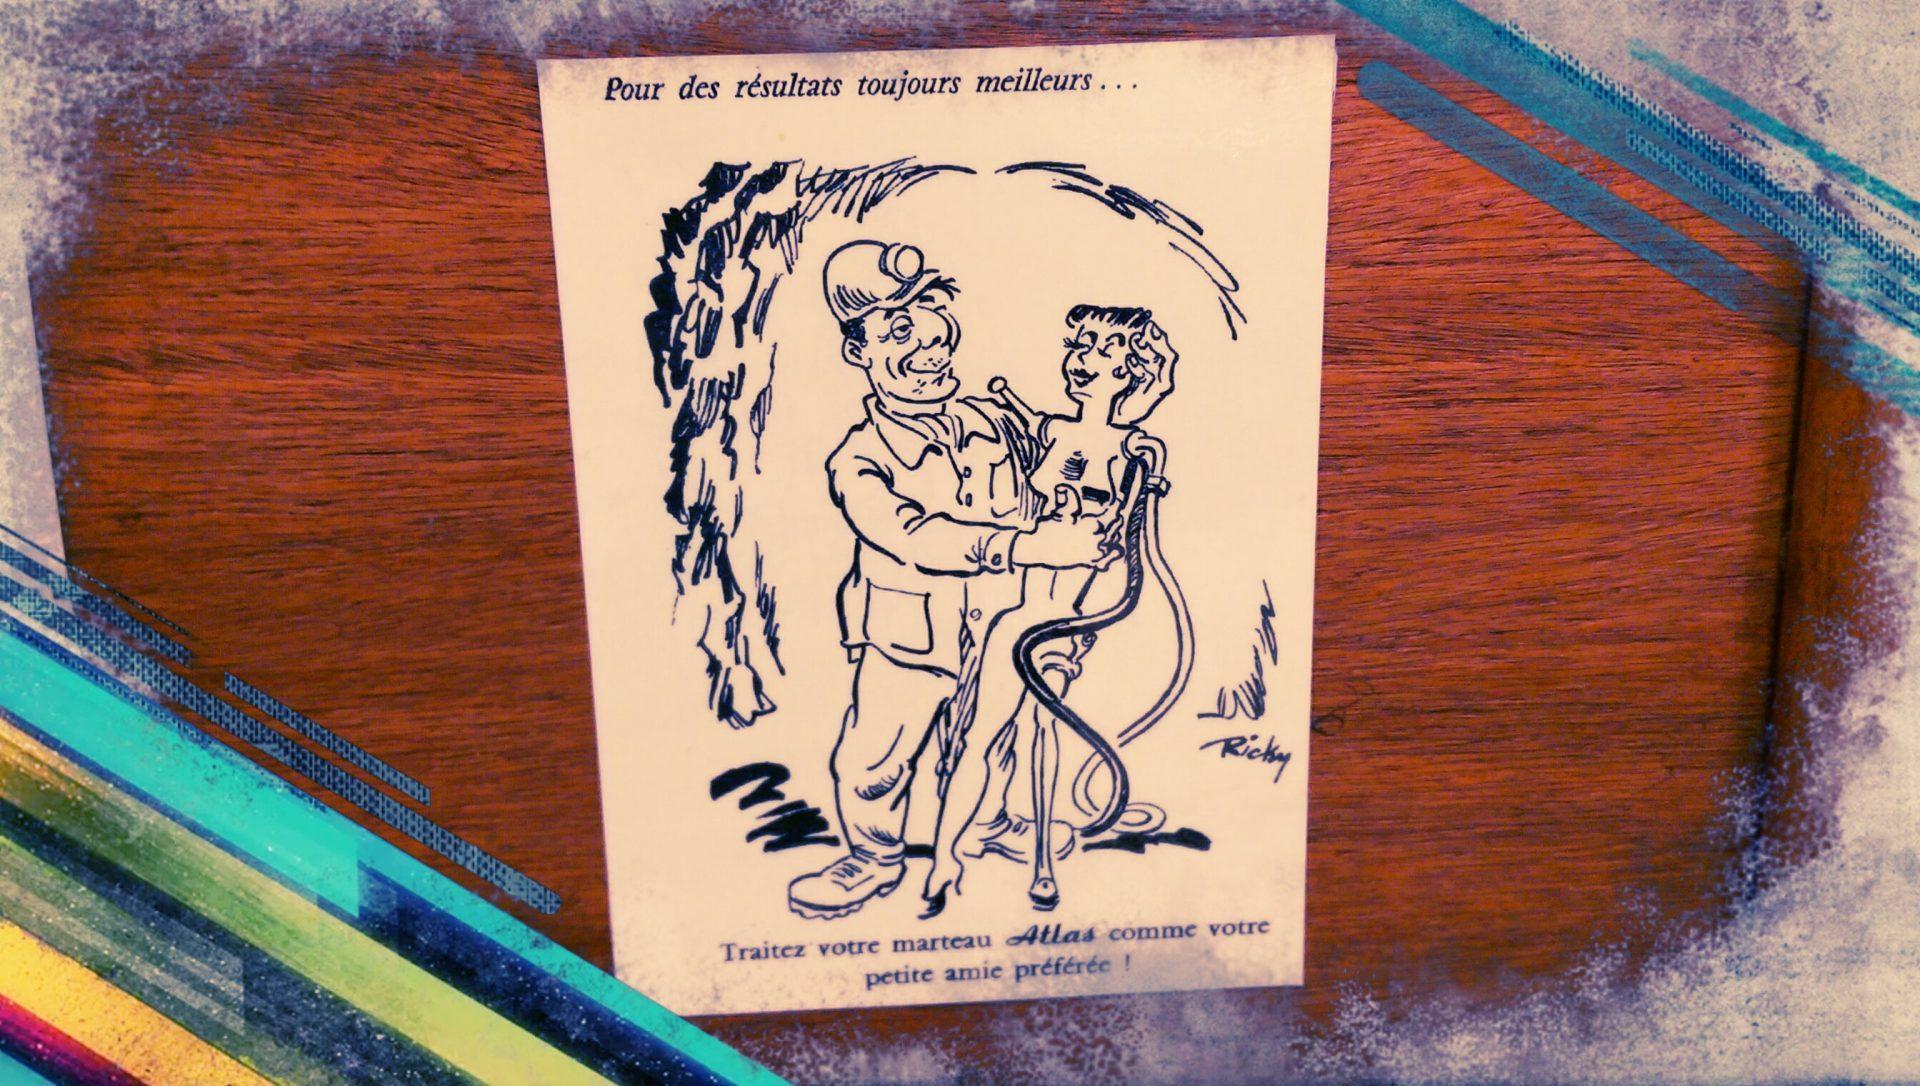 Célébrer toutes les mères - Crédit photo izart.fr